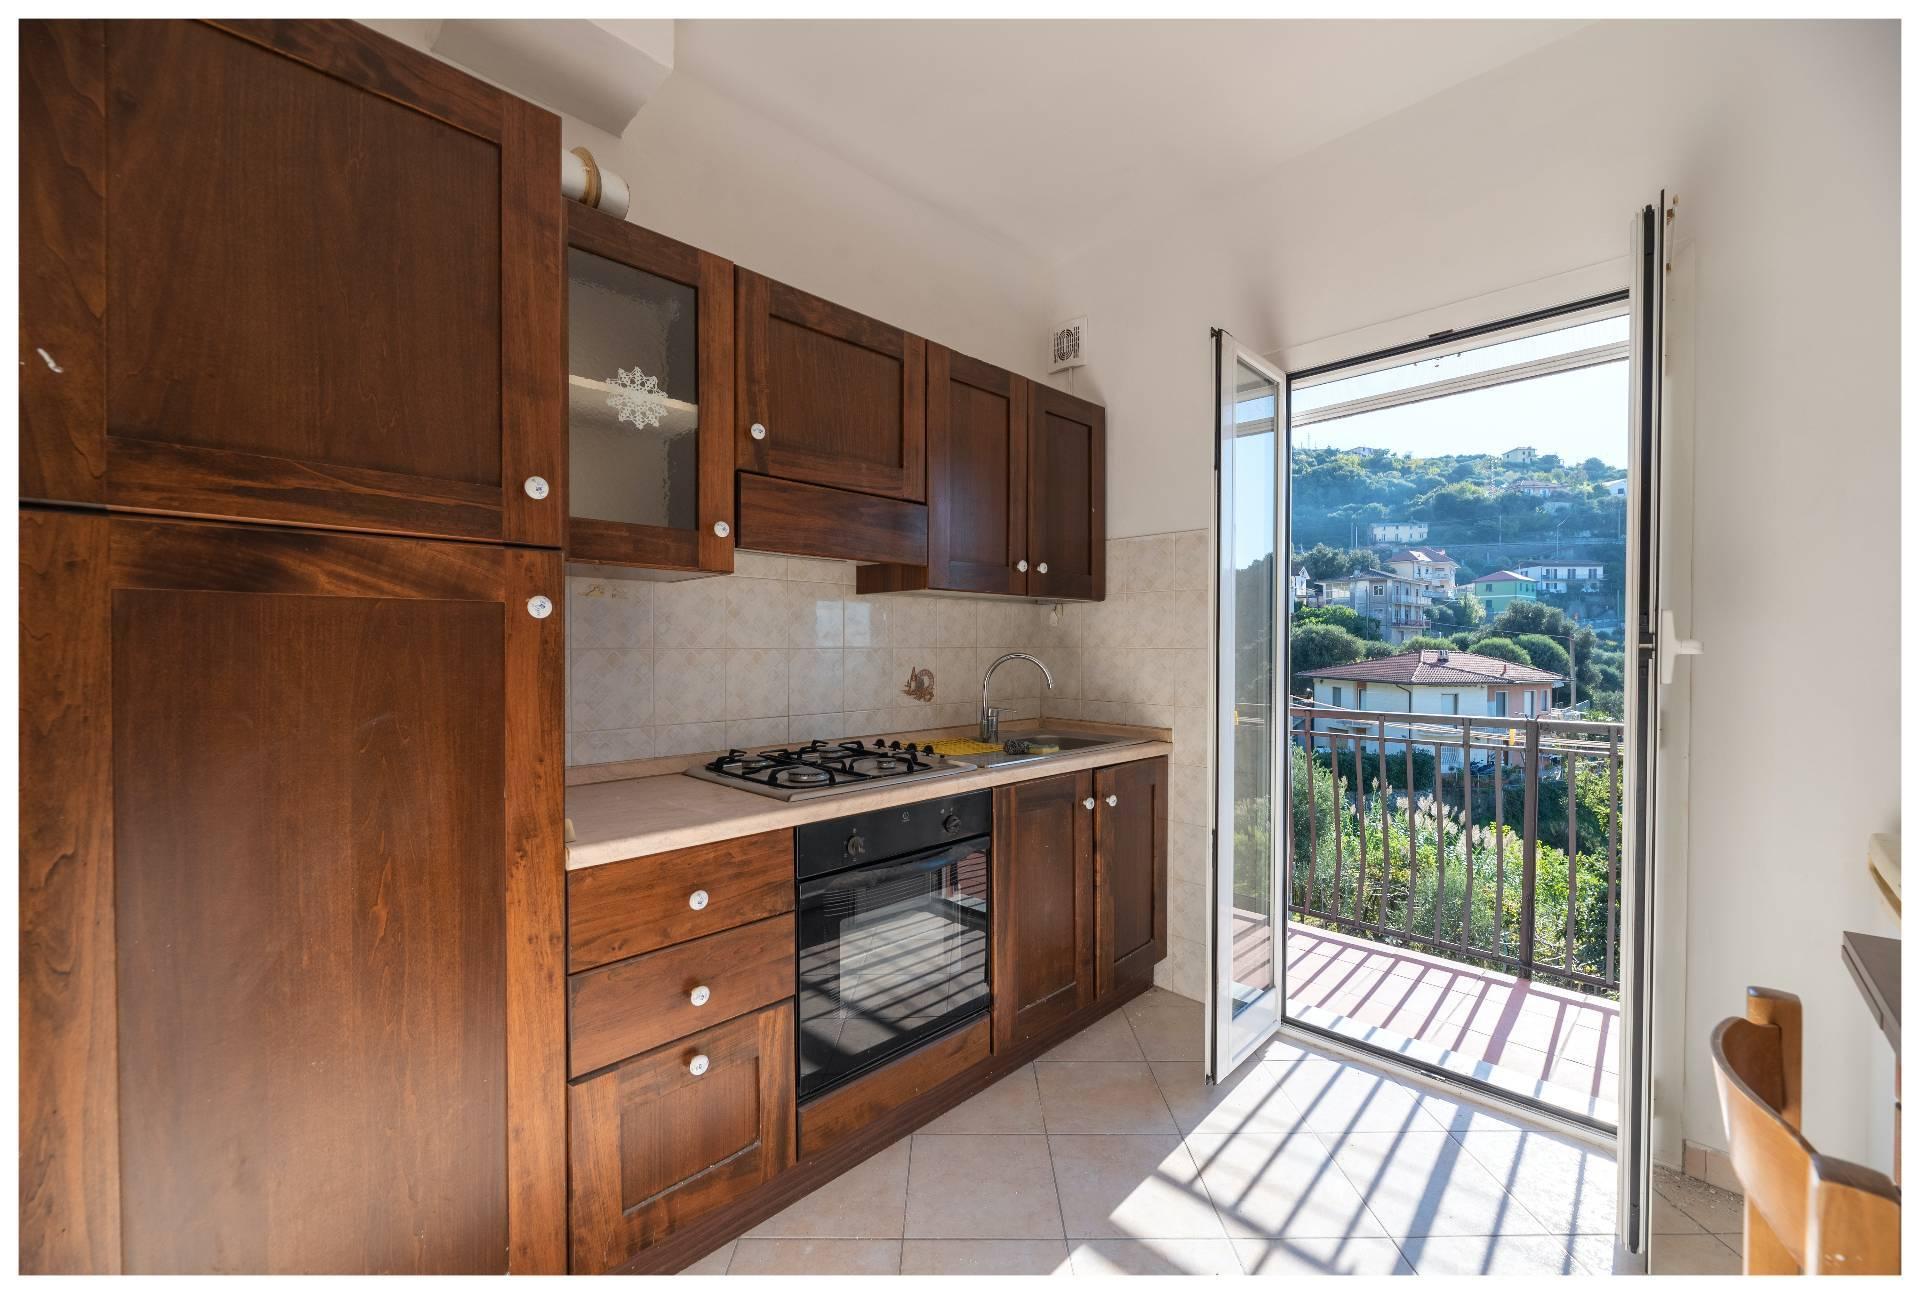 Appartamento in affitto a Varazze, 4 locali, zona nova, prezzo € 650 | PortaleAgenzieImmobiliari.it